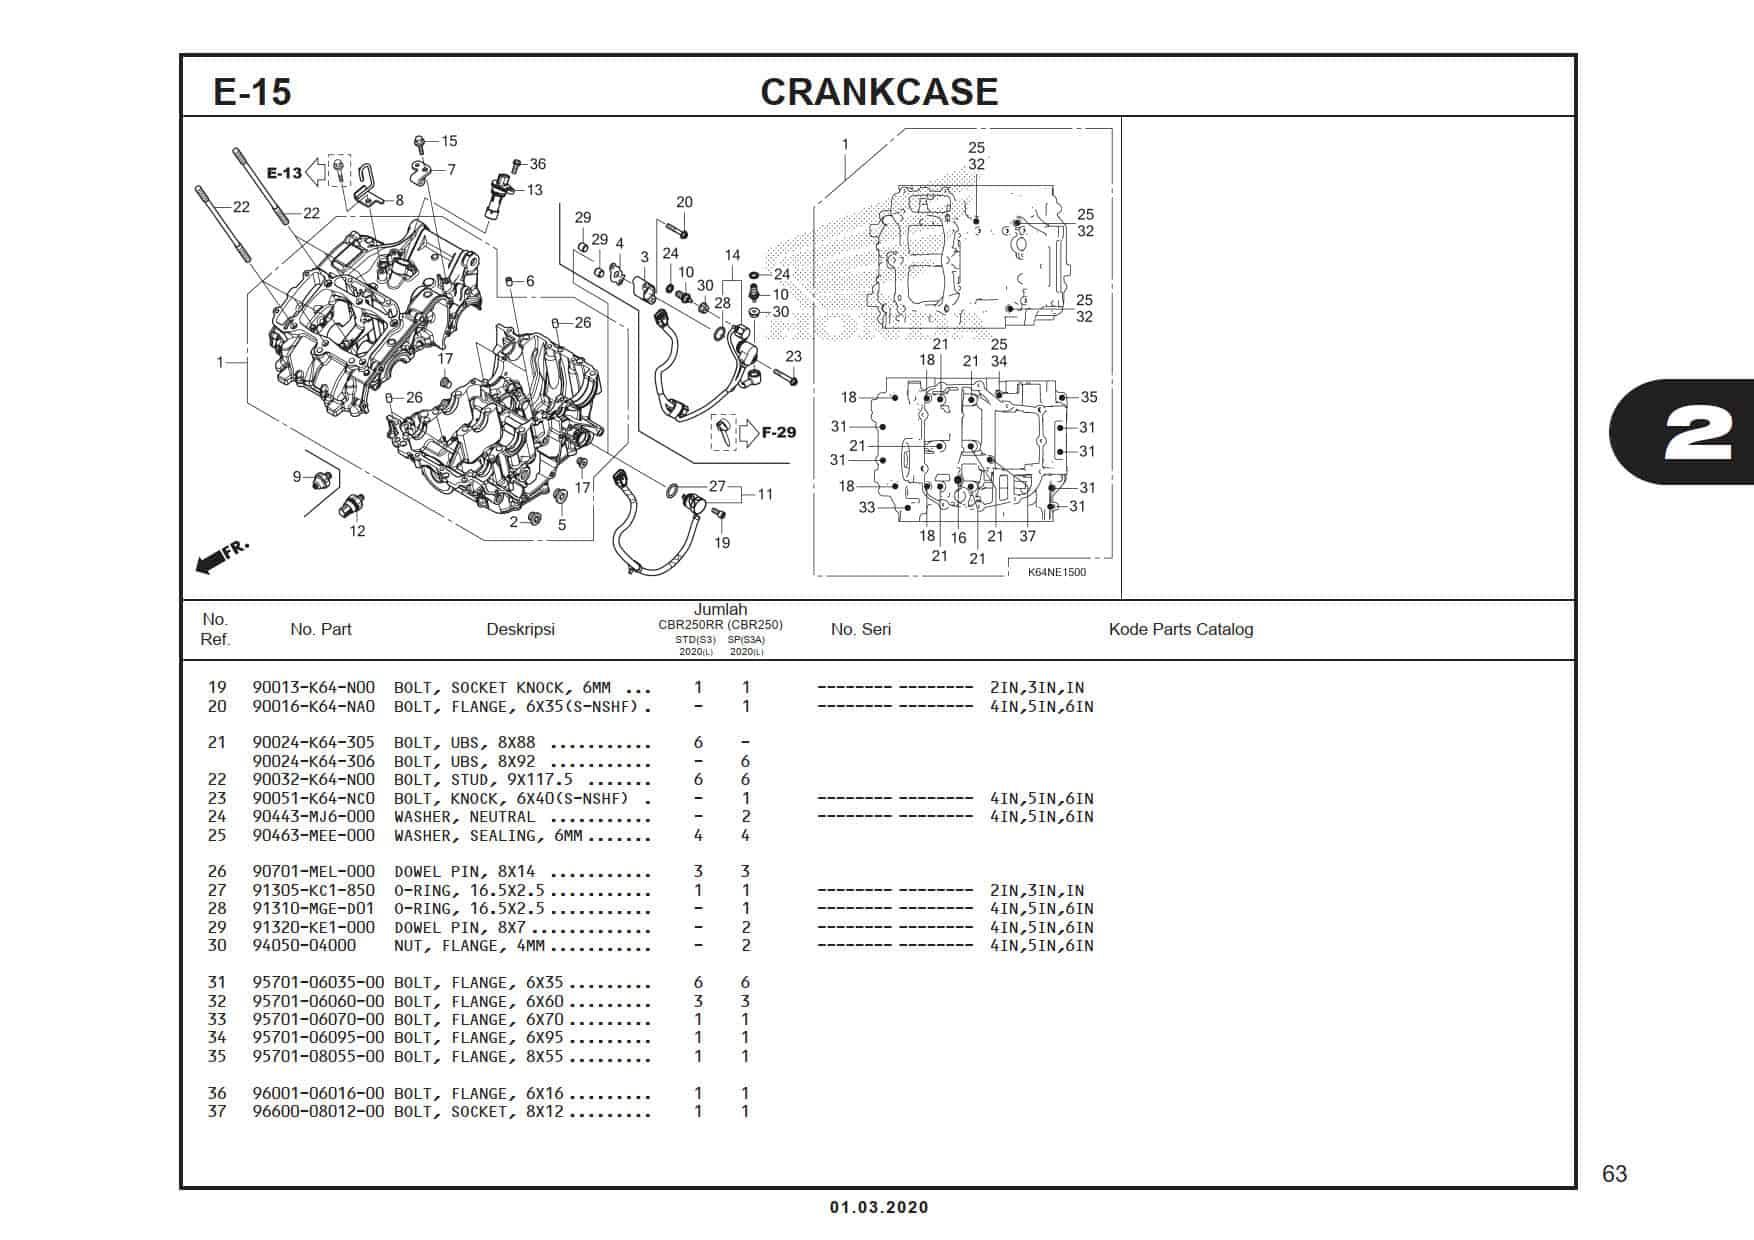 E-15 CrankCase